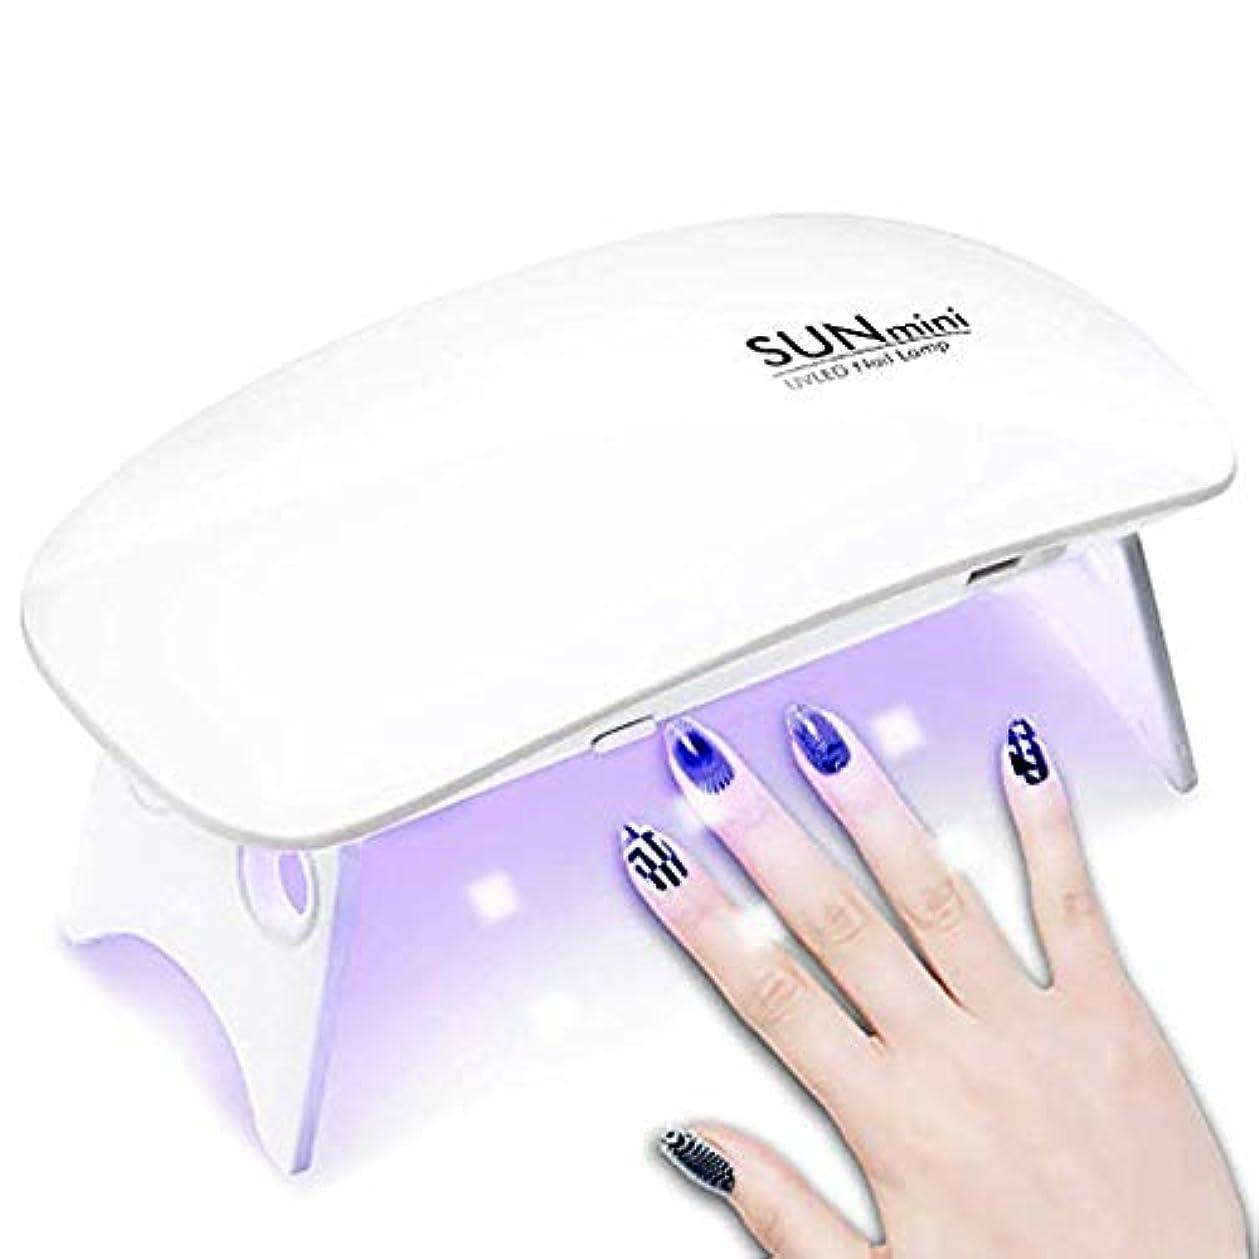 ブラウス裕福な裸LEDネイルドライヤー UVライト 折りたたみ式 設定可能 タイマー ジェルネイル LED 硬化ライト UV と LEDダブルライト ジェルネイル用 ホワイト